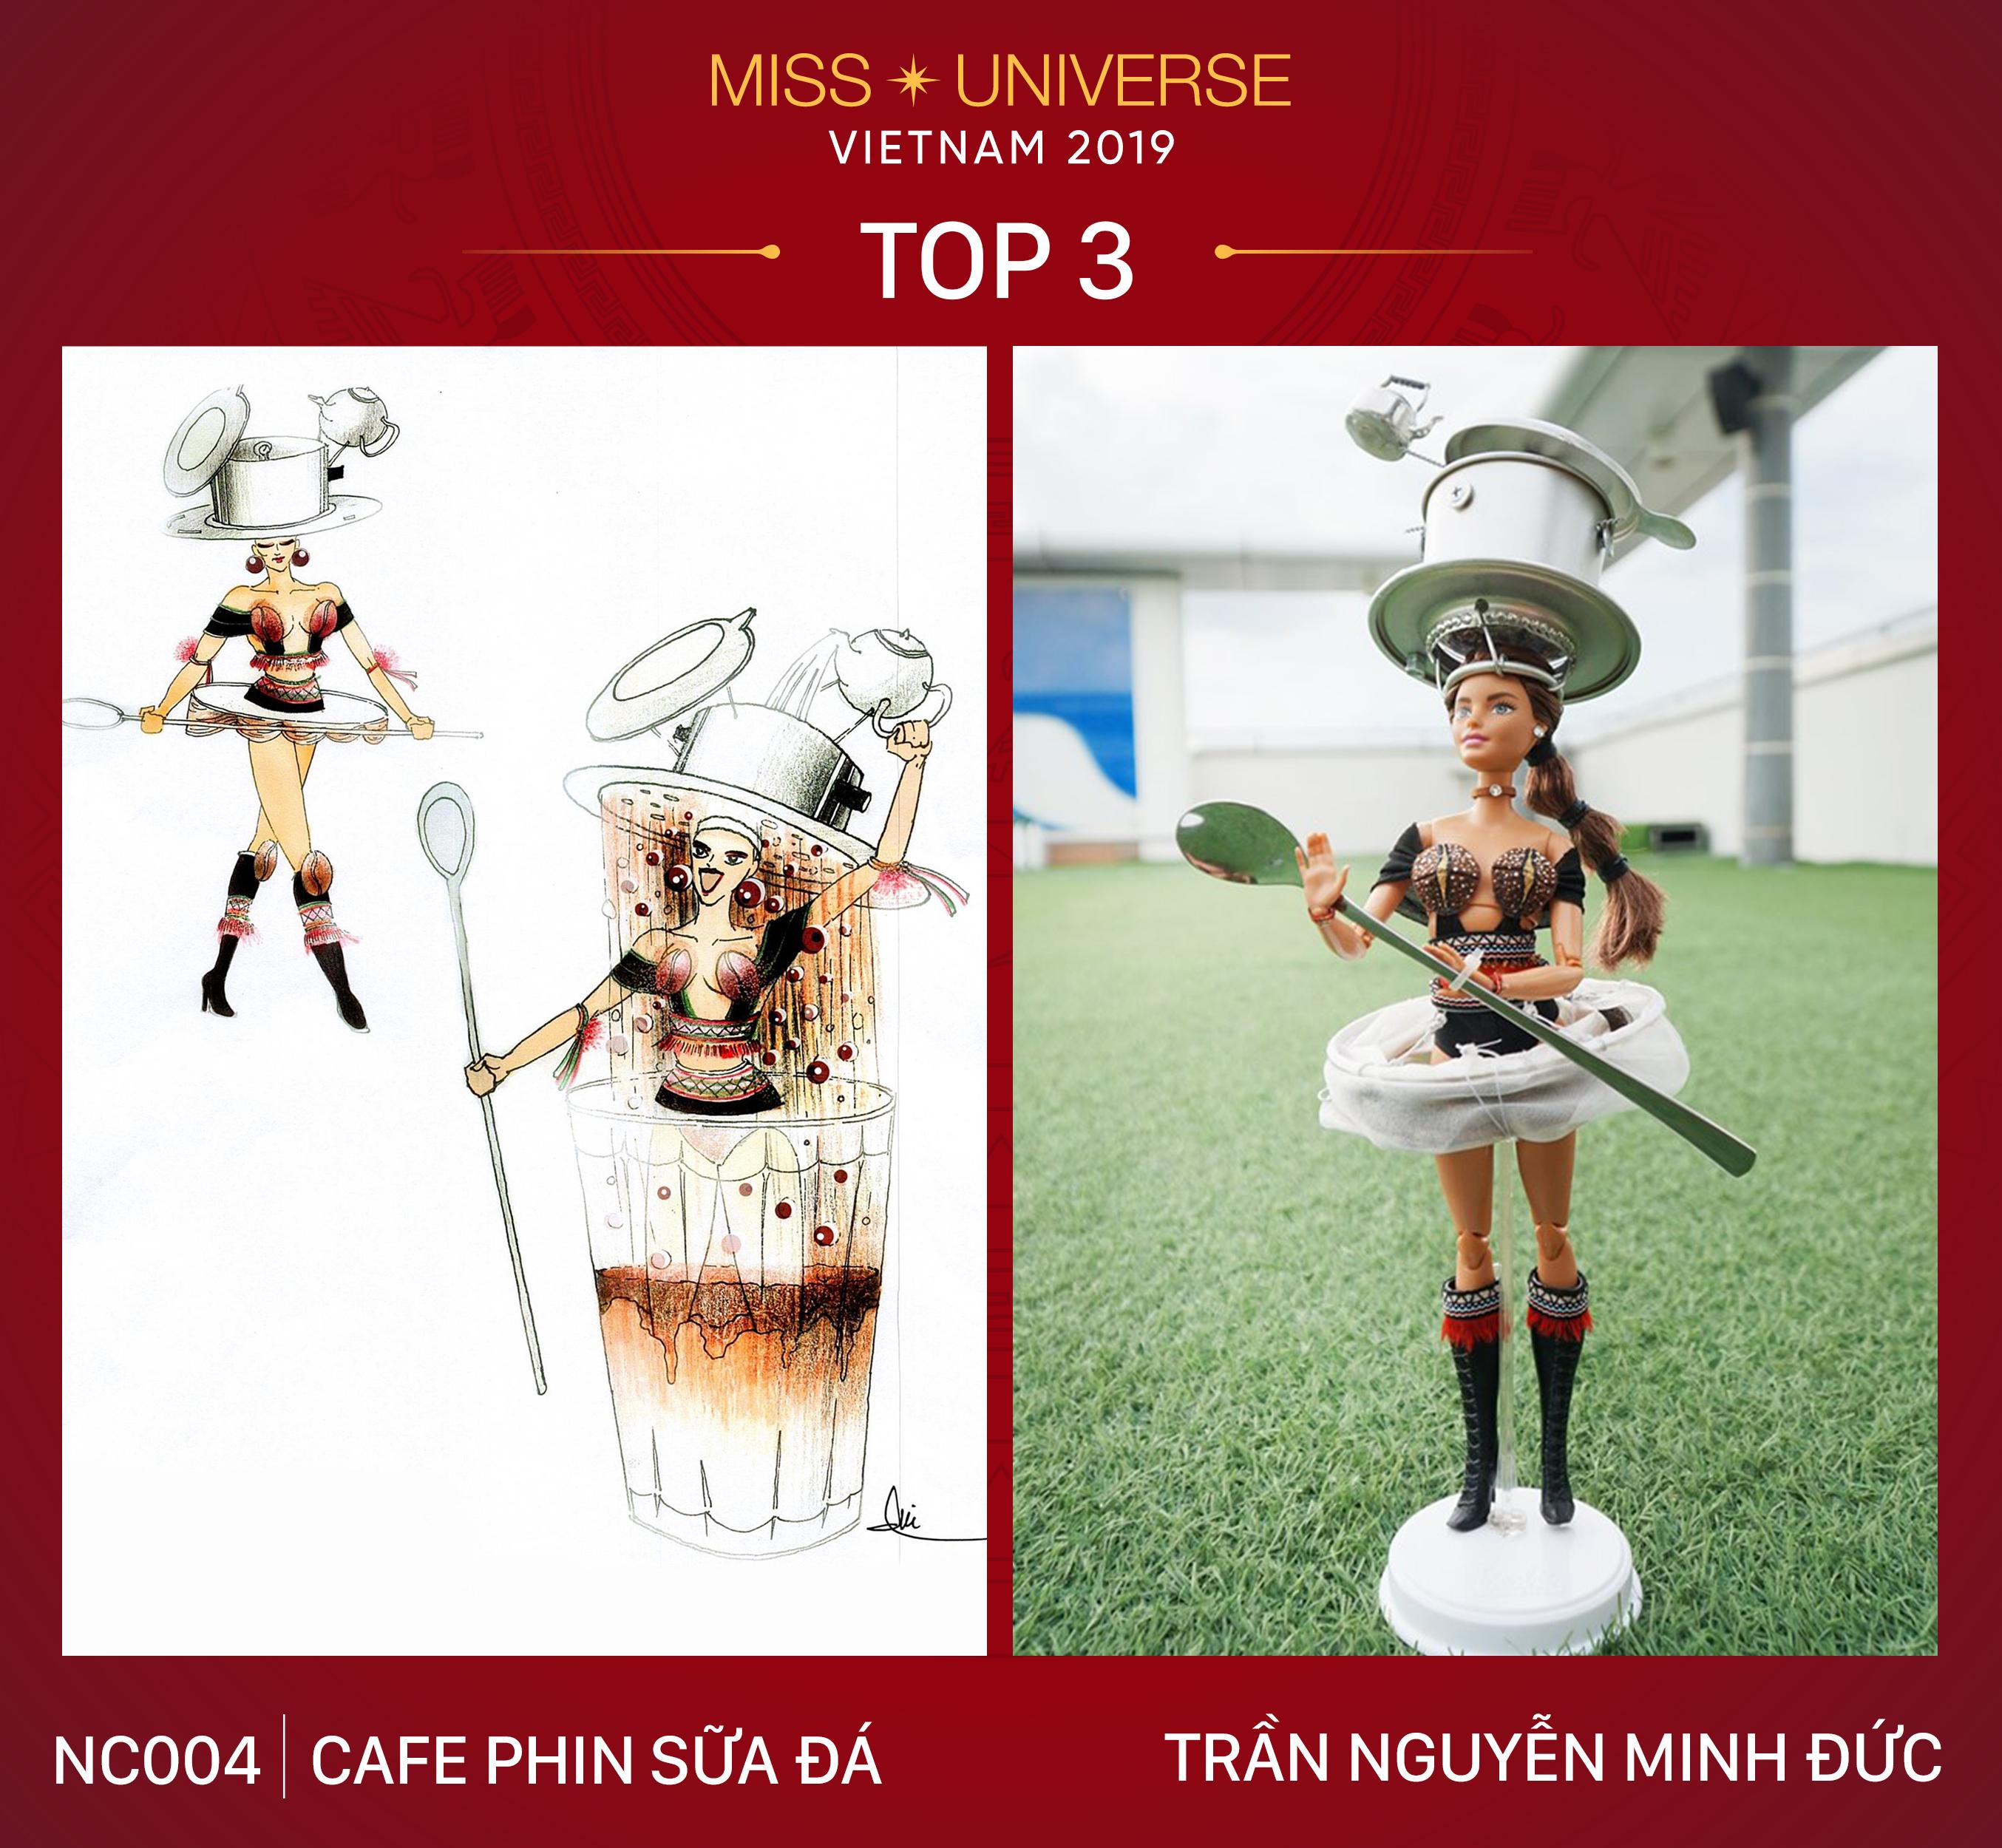 Công bố top 3 trang phục dân tộc cho Á hậu Hoàng Thùy tại Miss Universe 2019